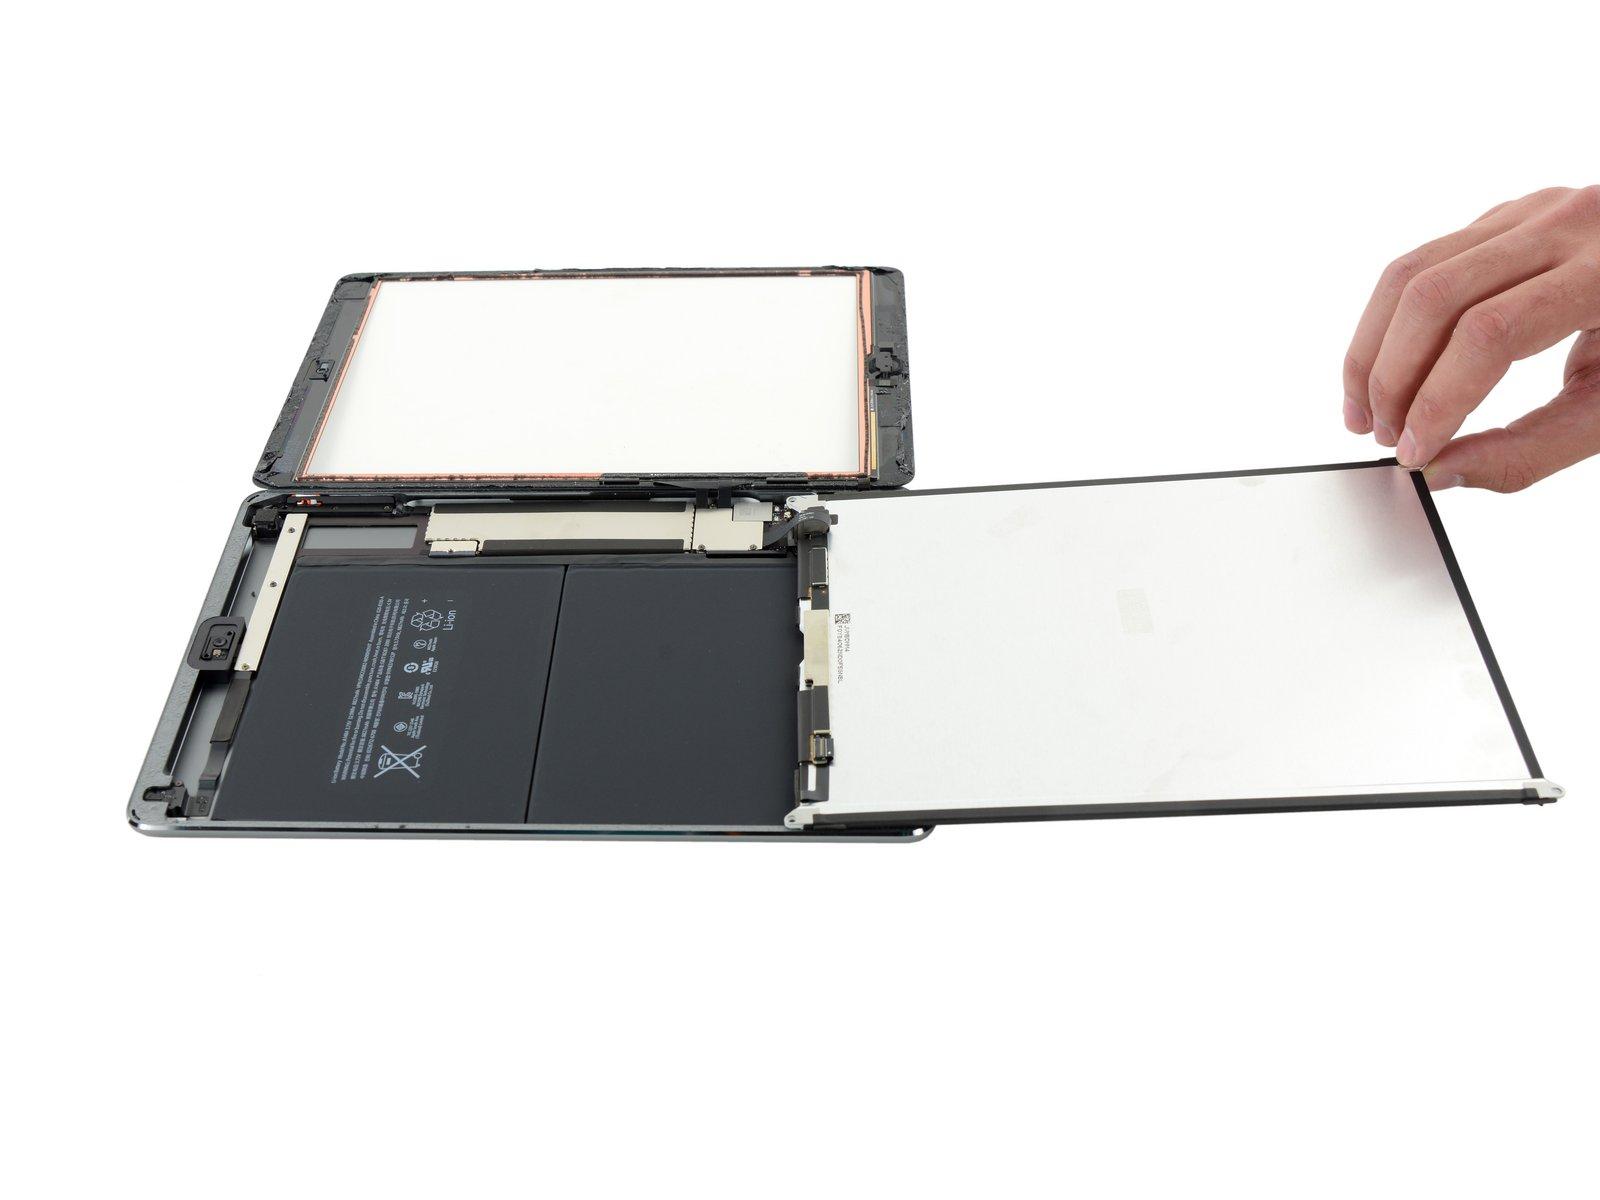 как поменять стекло на айпад видео